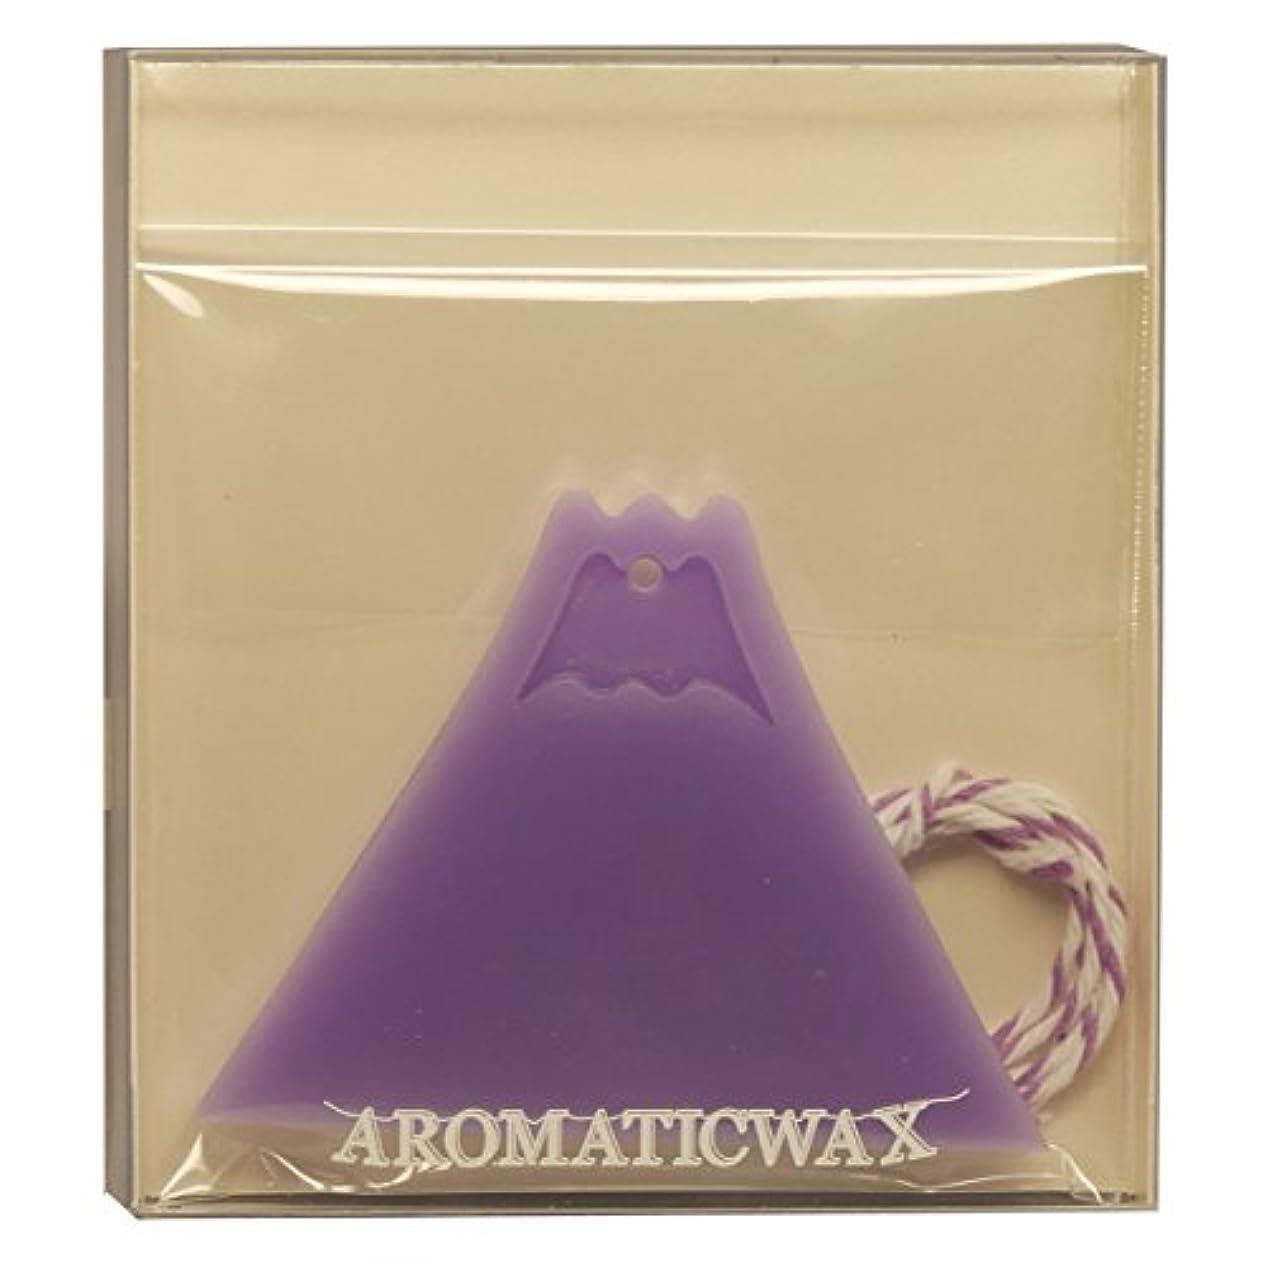 擬人解決するアクセントGRASSE TOKYO AROMATICWAXチャーム「富士山」(PU) ラベンダー アロマティックワックス グラーストウキョウ